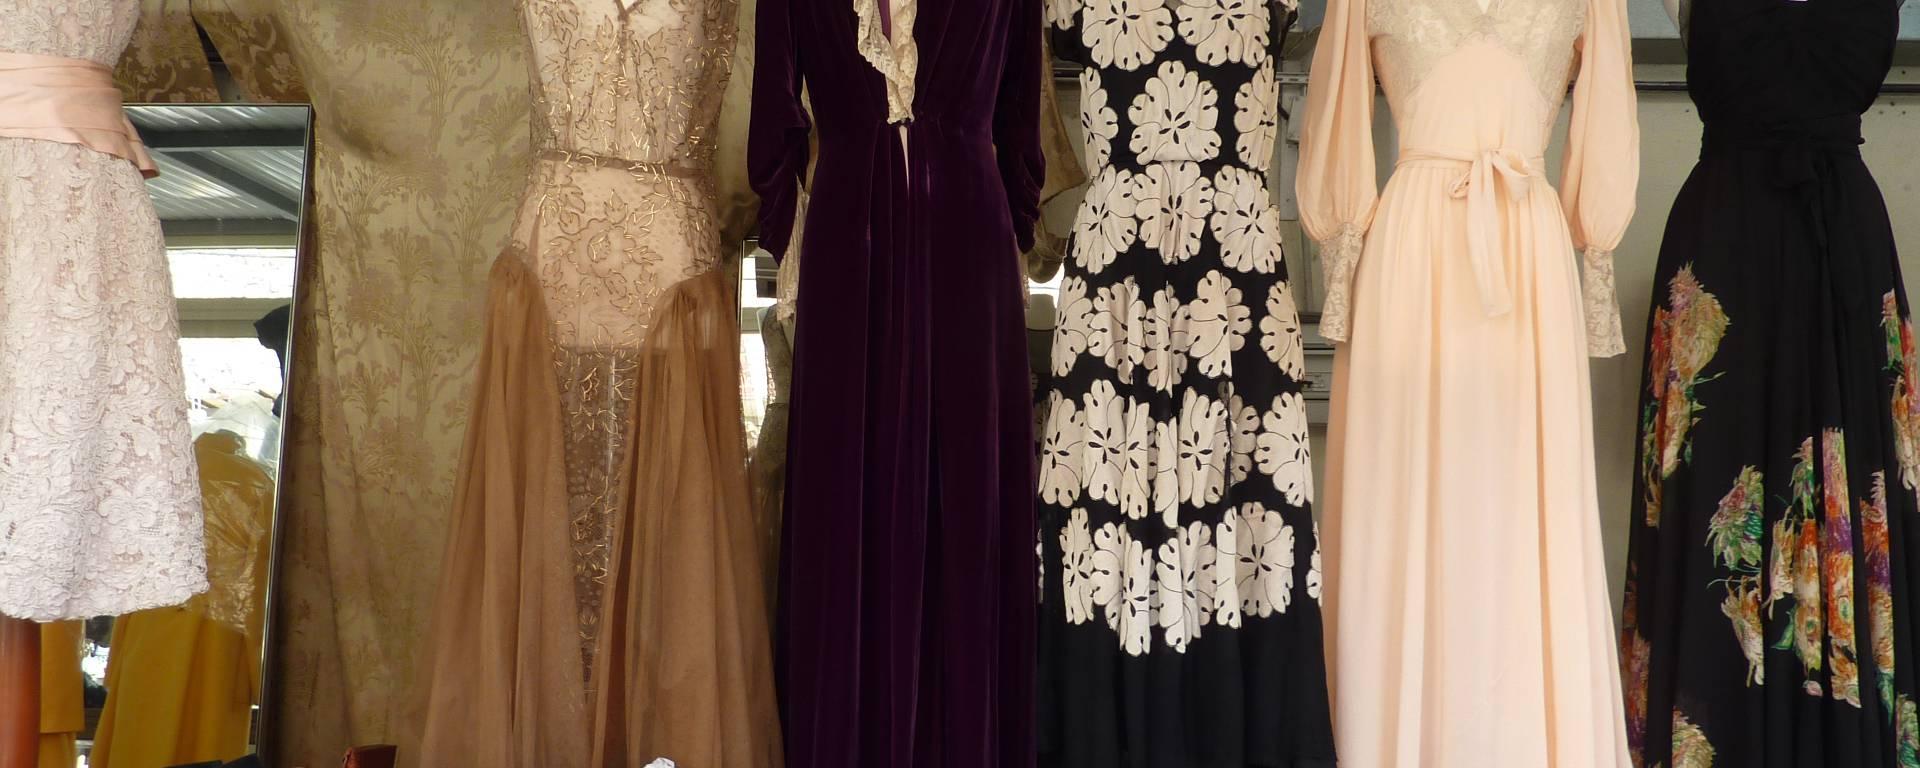 Vêtement vintage au marché aux puces de Saint-Ouen/ Porte de Clignancourt